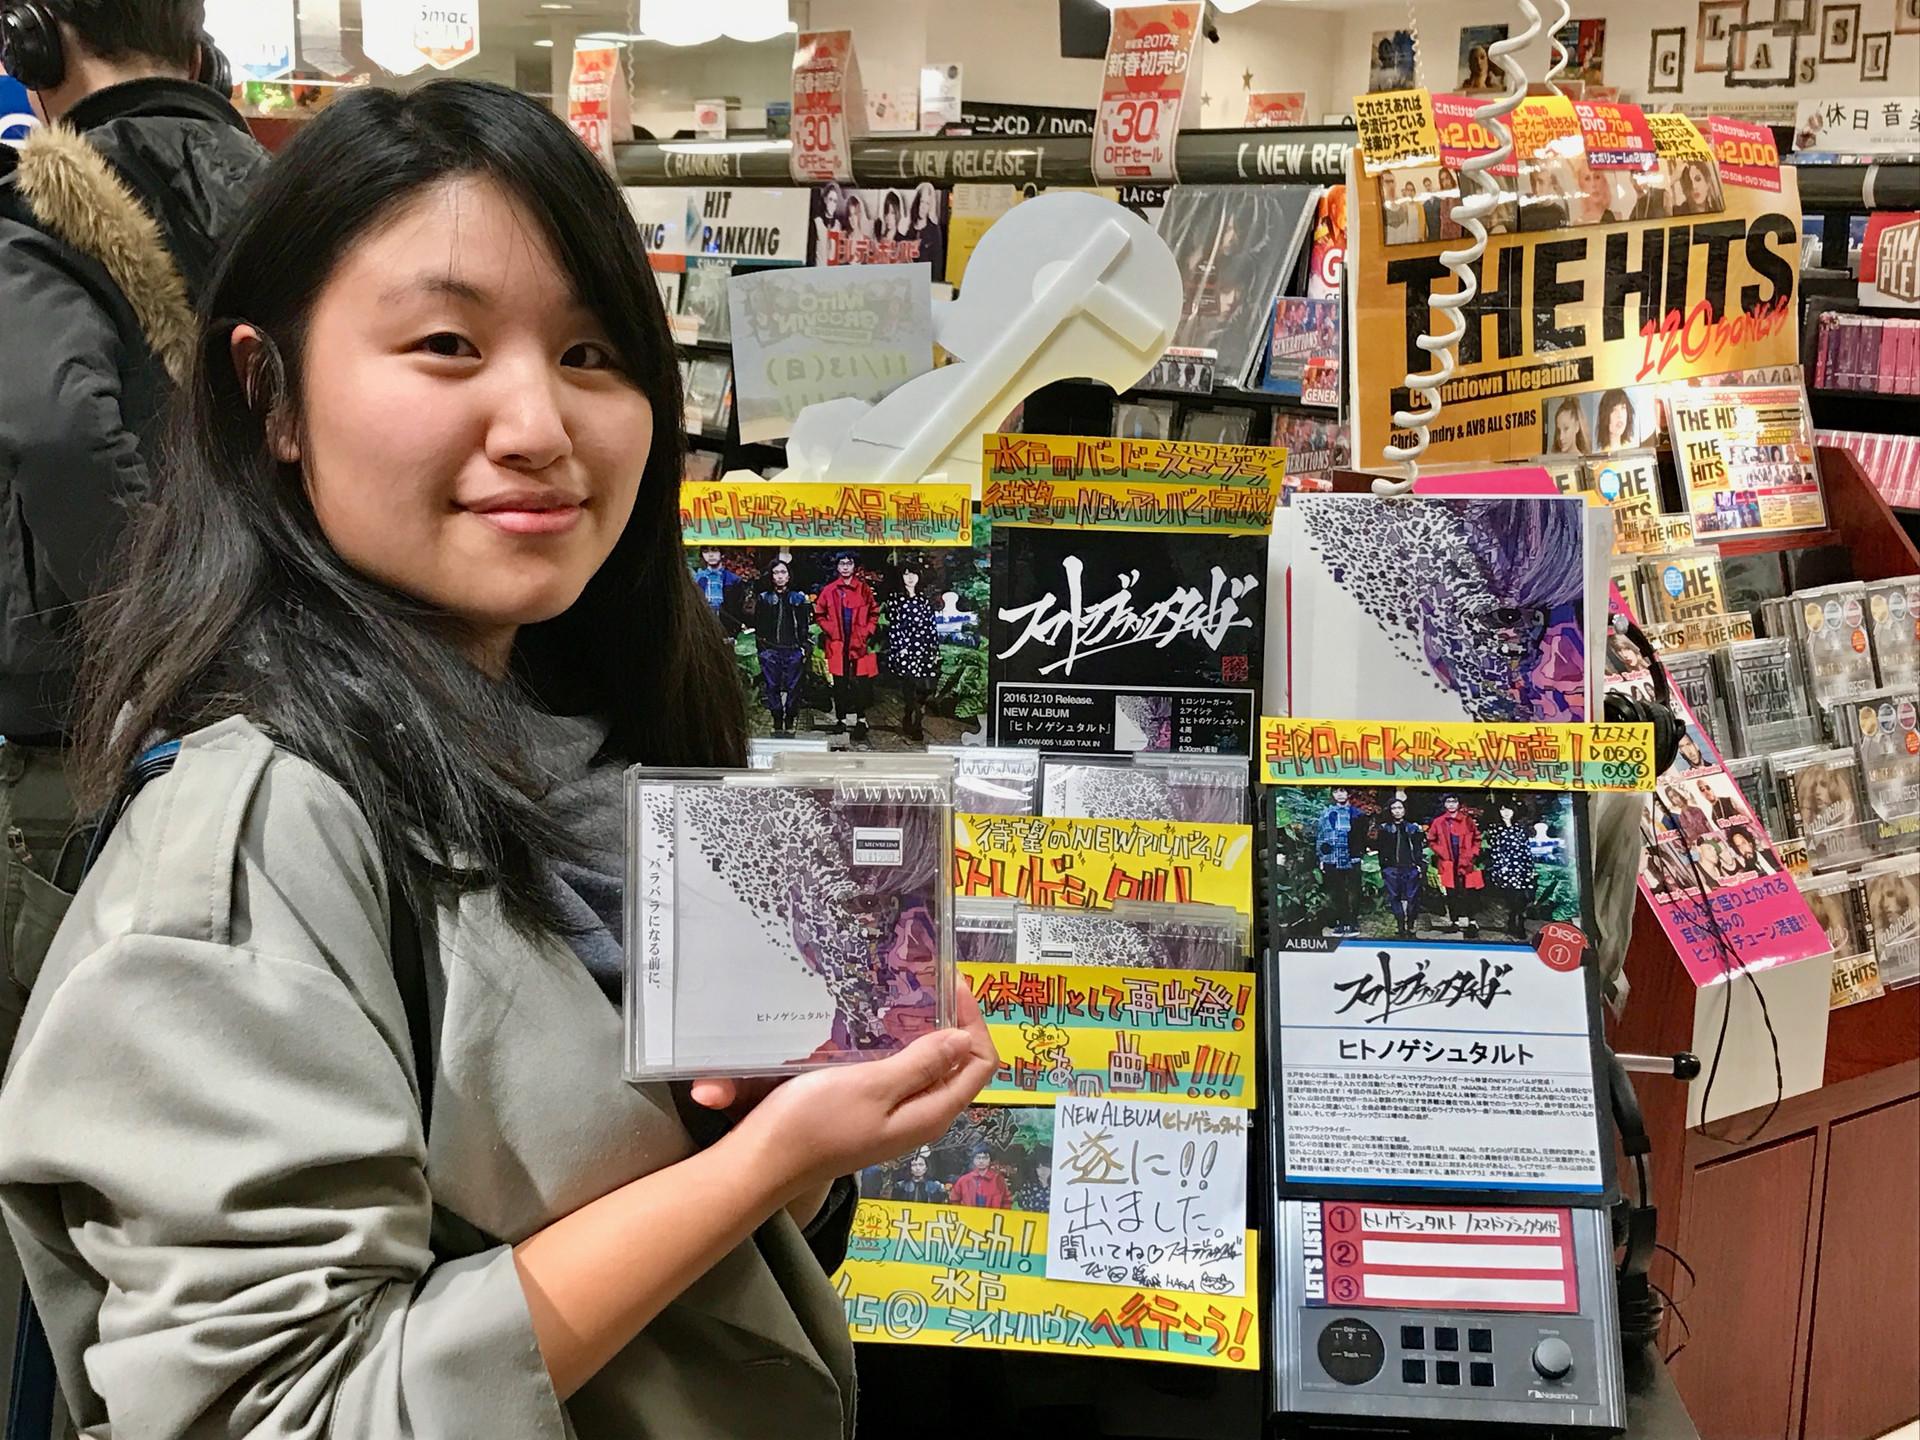 HNG_SB at a store.jpg